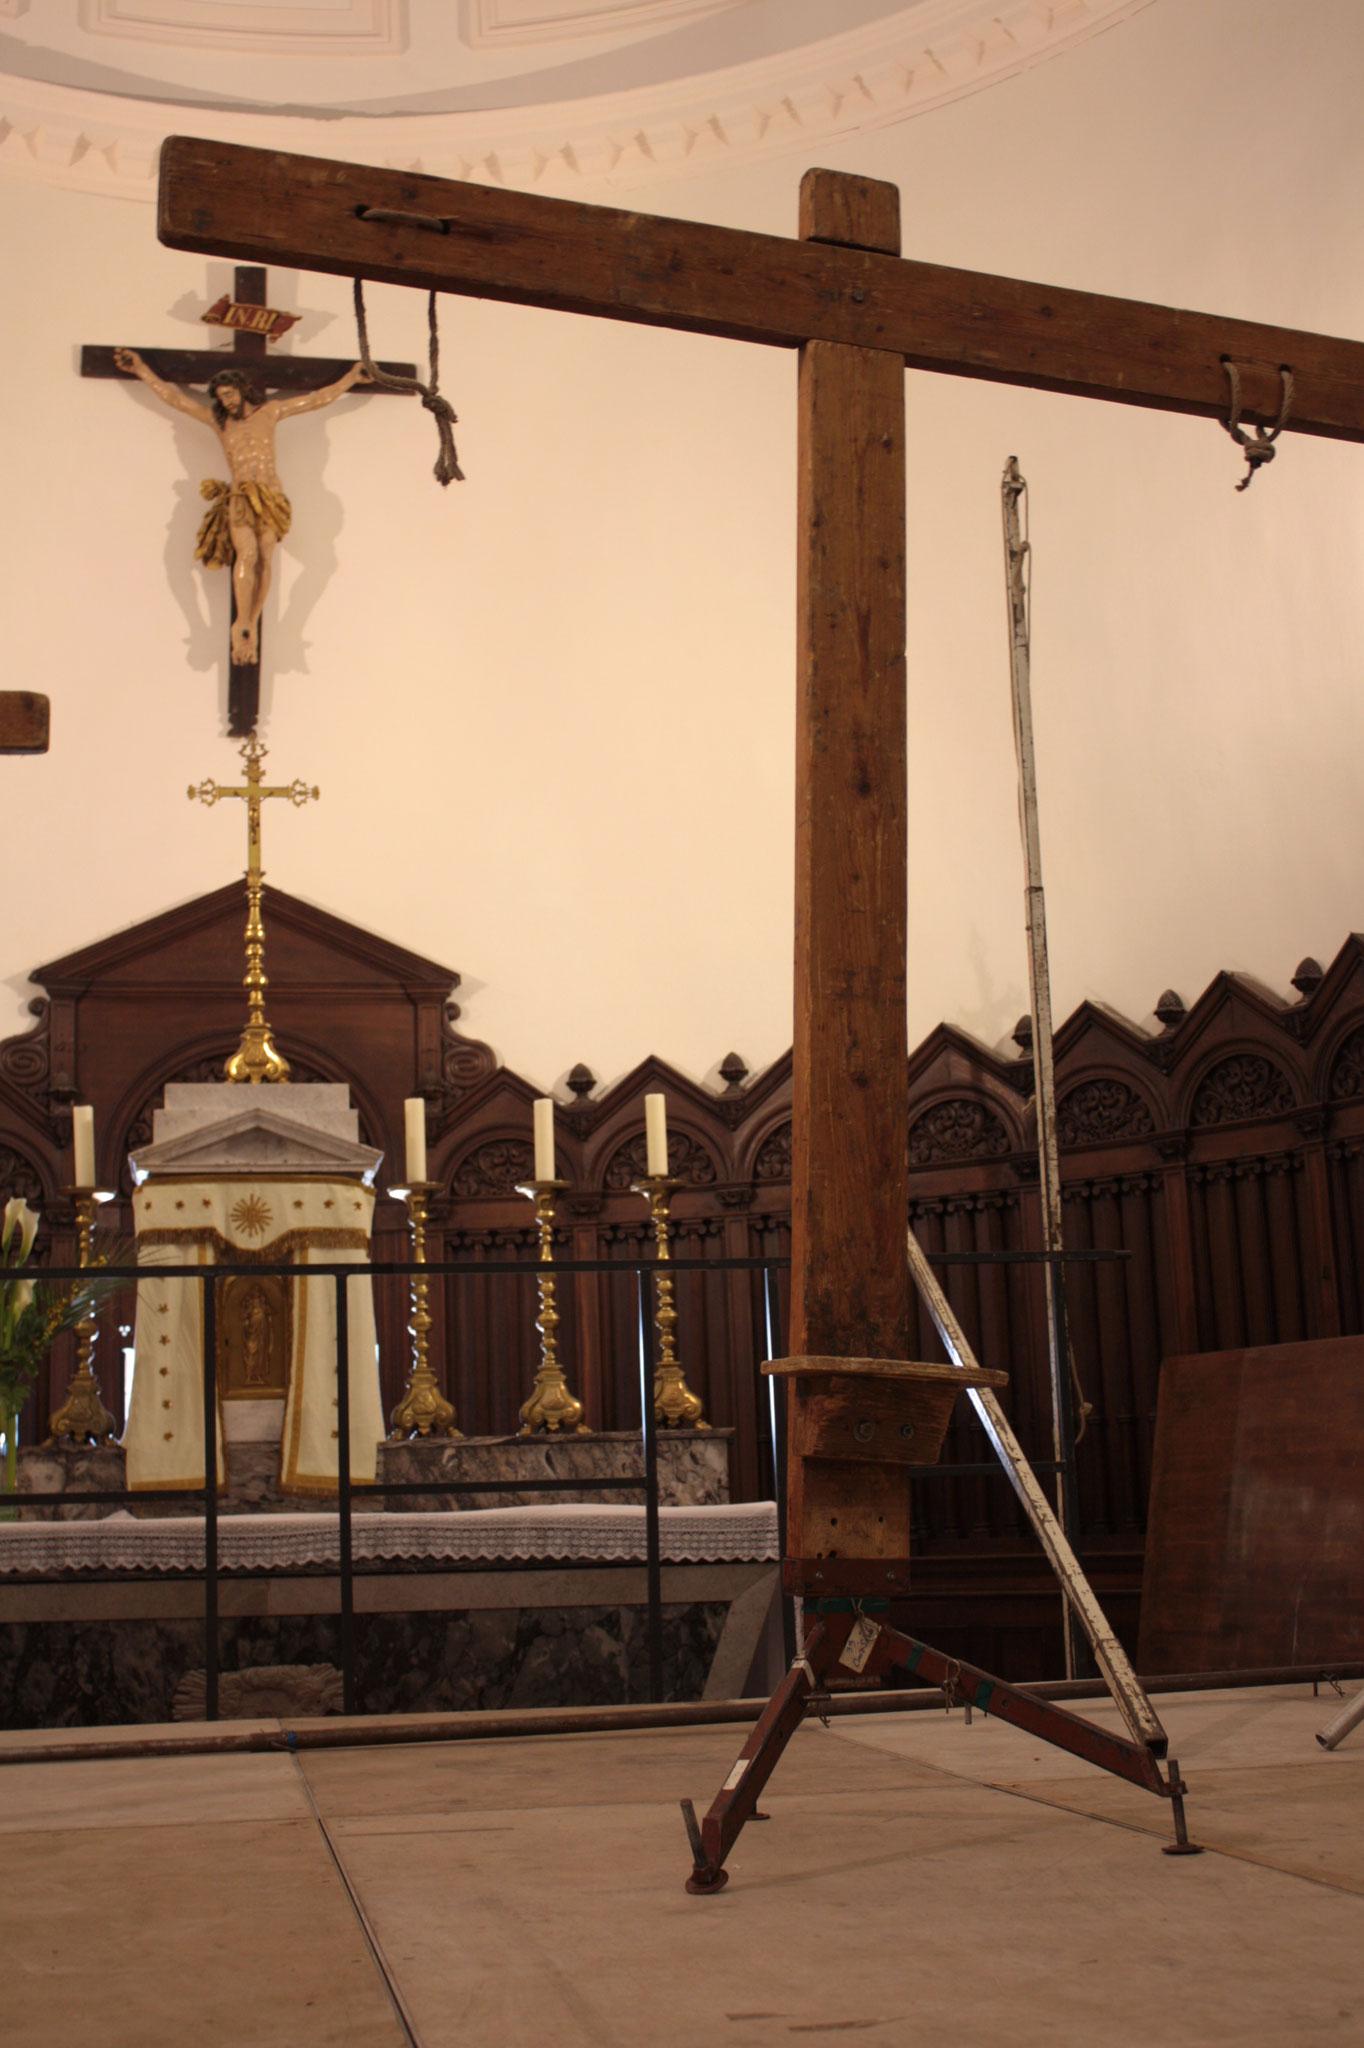 intérieur de l'église St J-Baptiste de La Viéville - © JDR